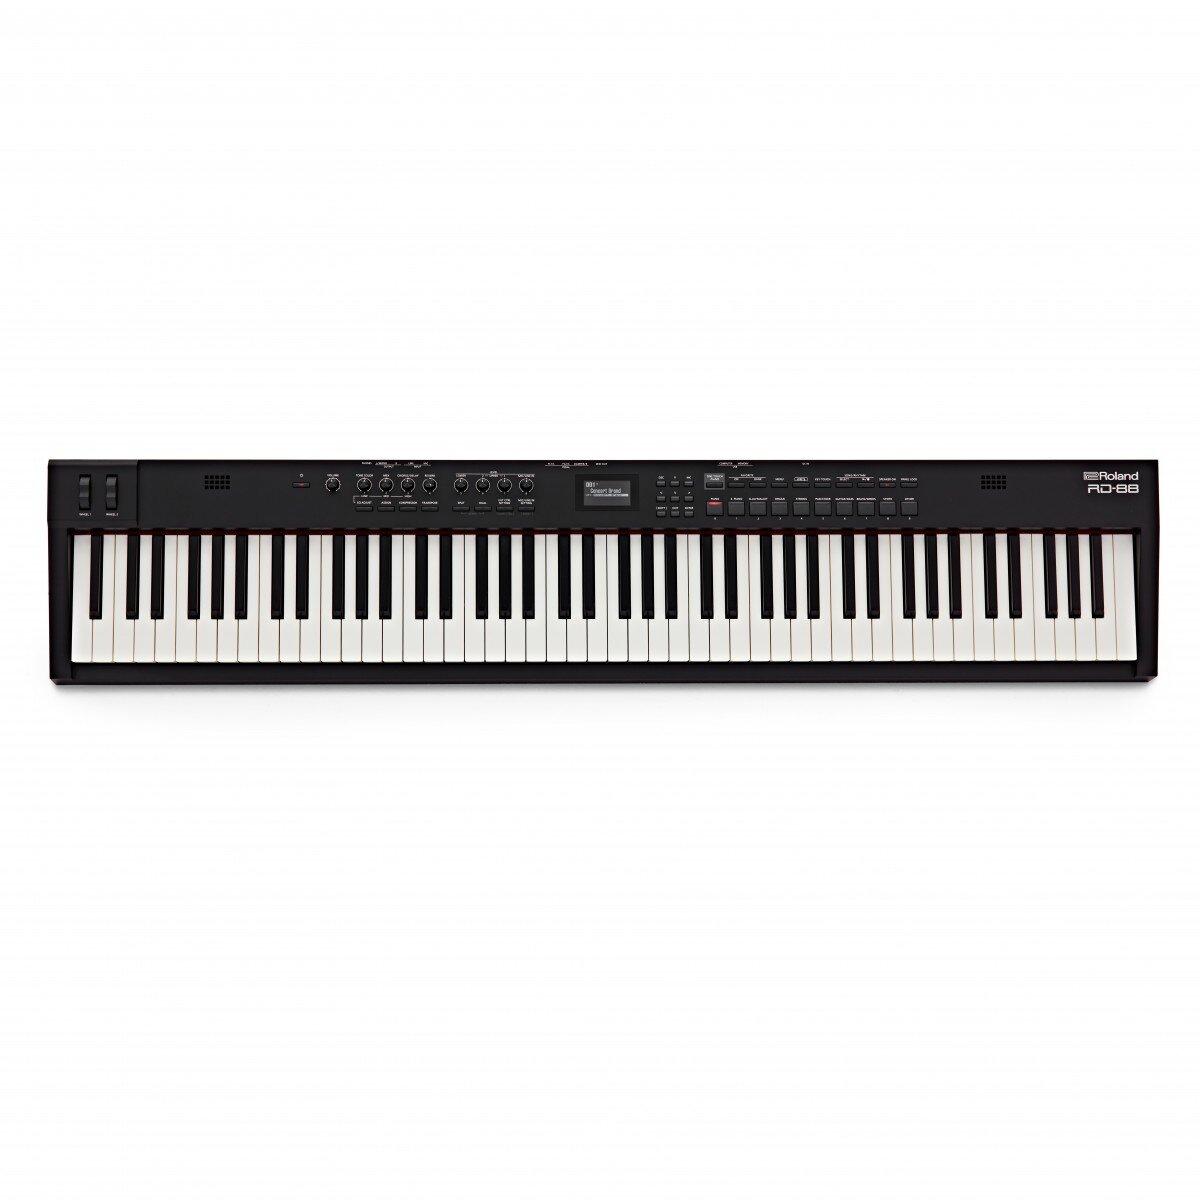 Roland RD-88 Piano de scène avec haut-parleurs : photo 2